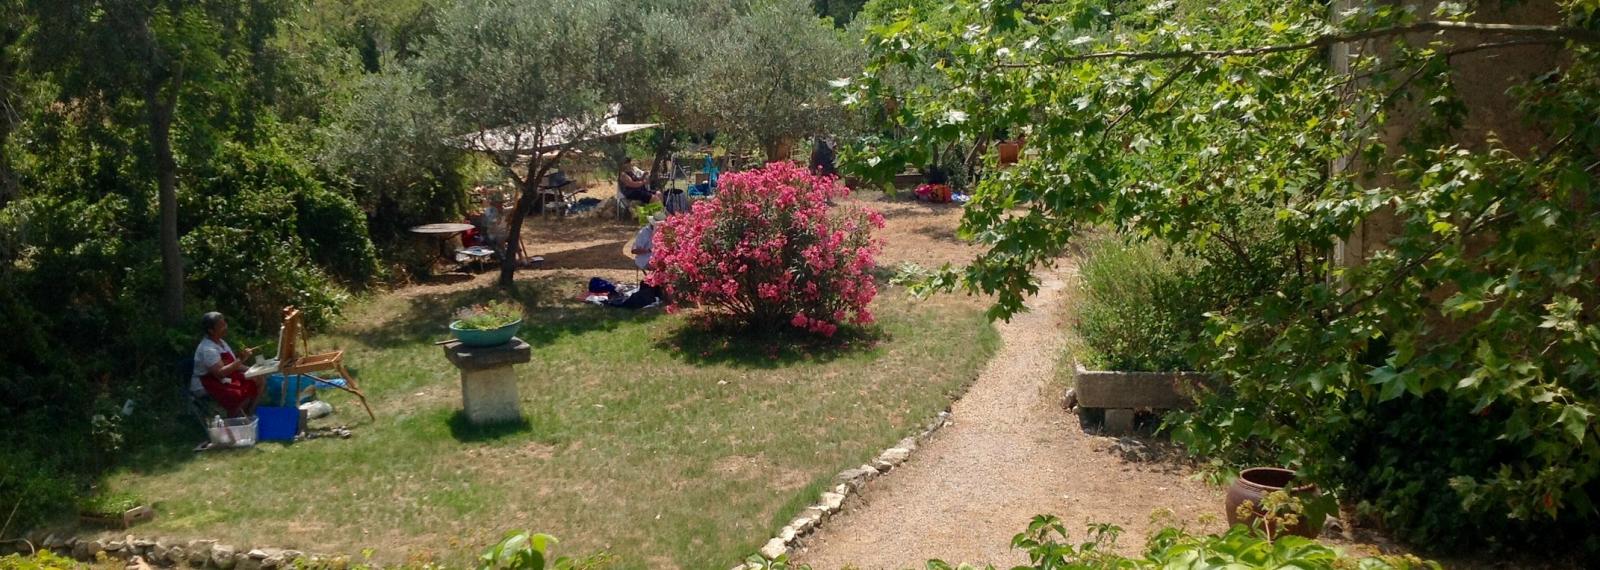 Chambres d'hôtes Mas des Trois Cyprès à Saint-Rémy-de-Provence